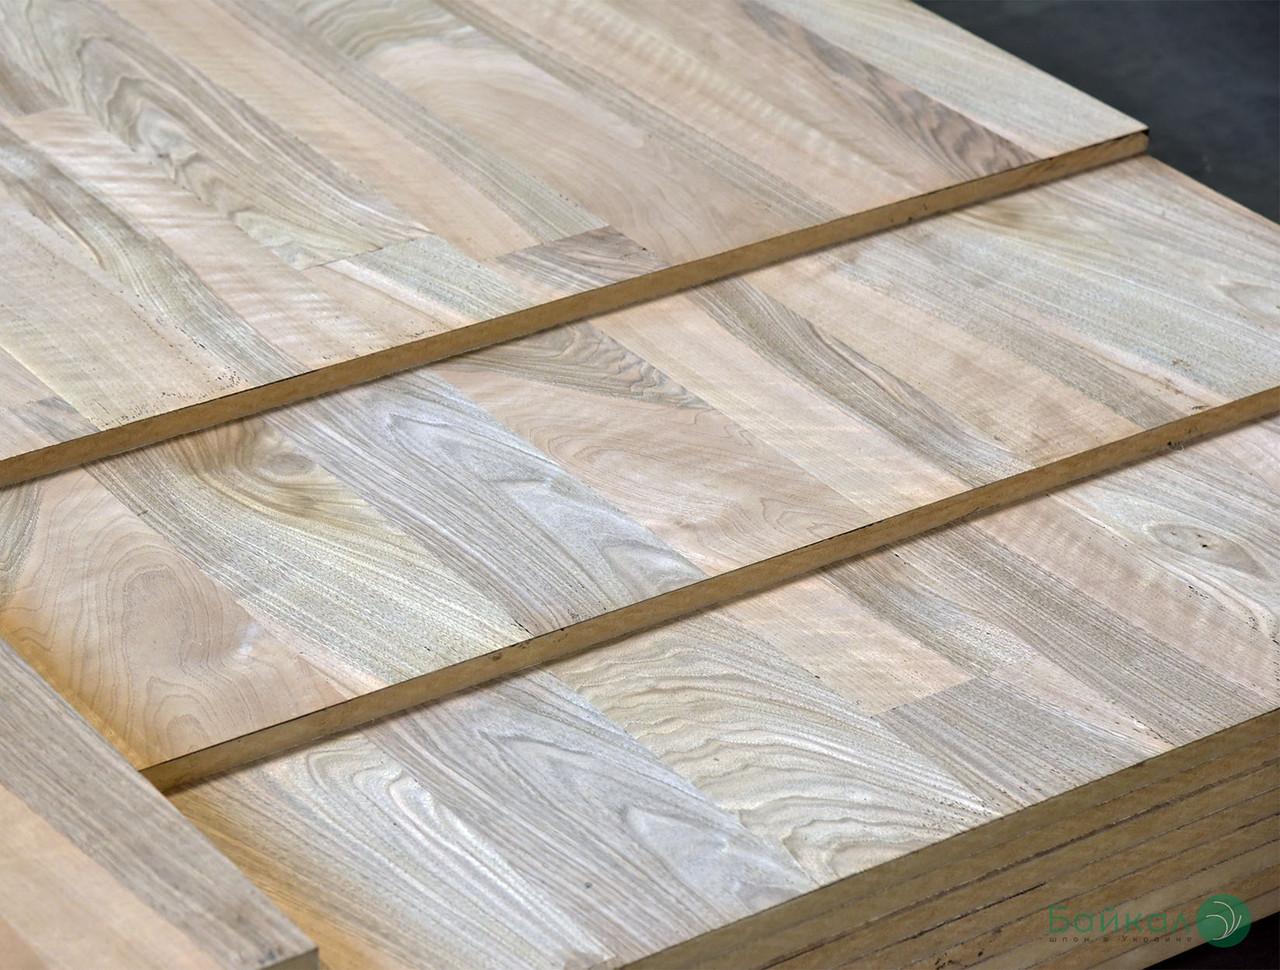 МДФ плита шпонированная Орехом Европейским в сучках (рисунок паркет) 19 мм 2,8х1,033 м